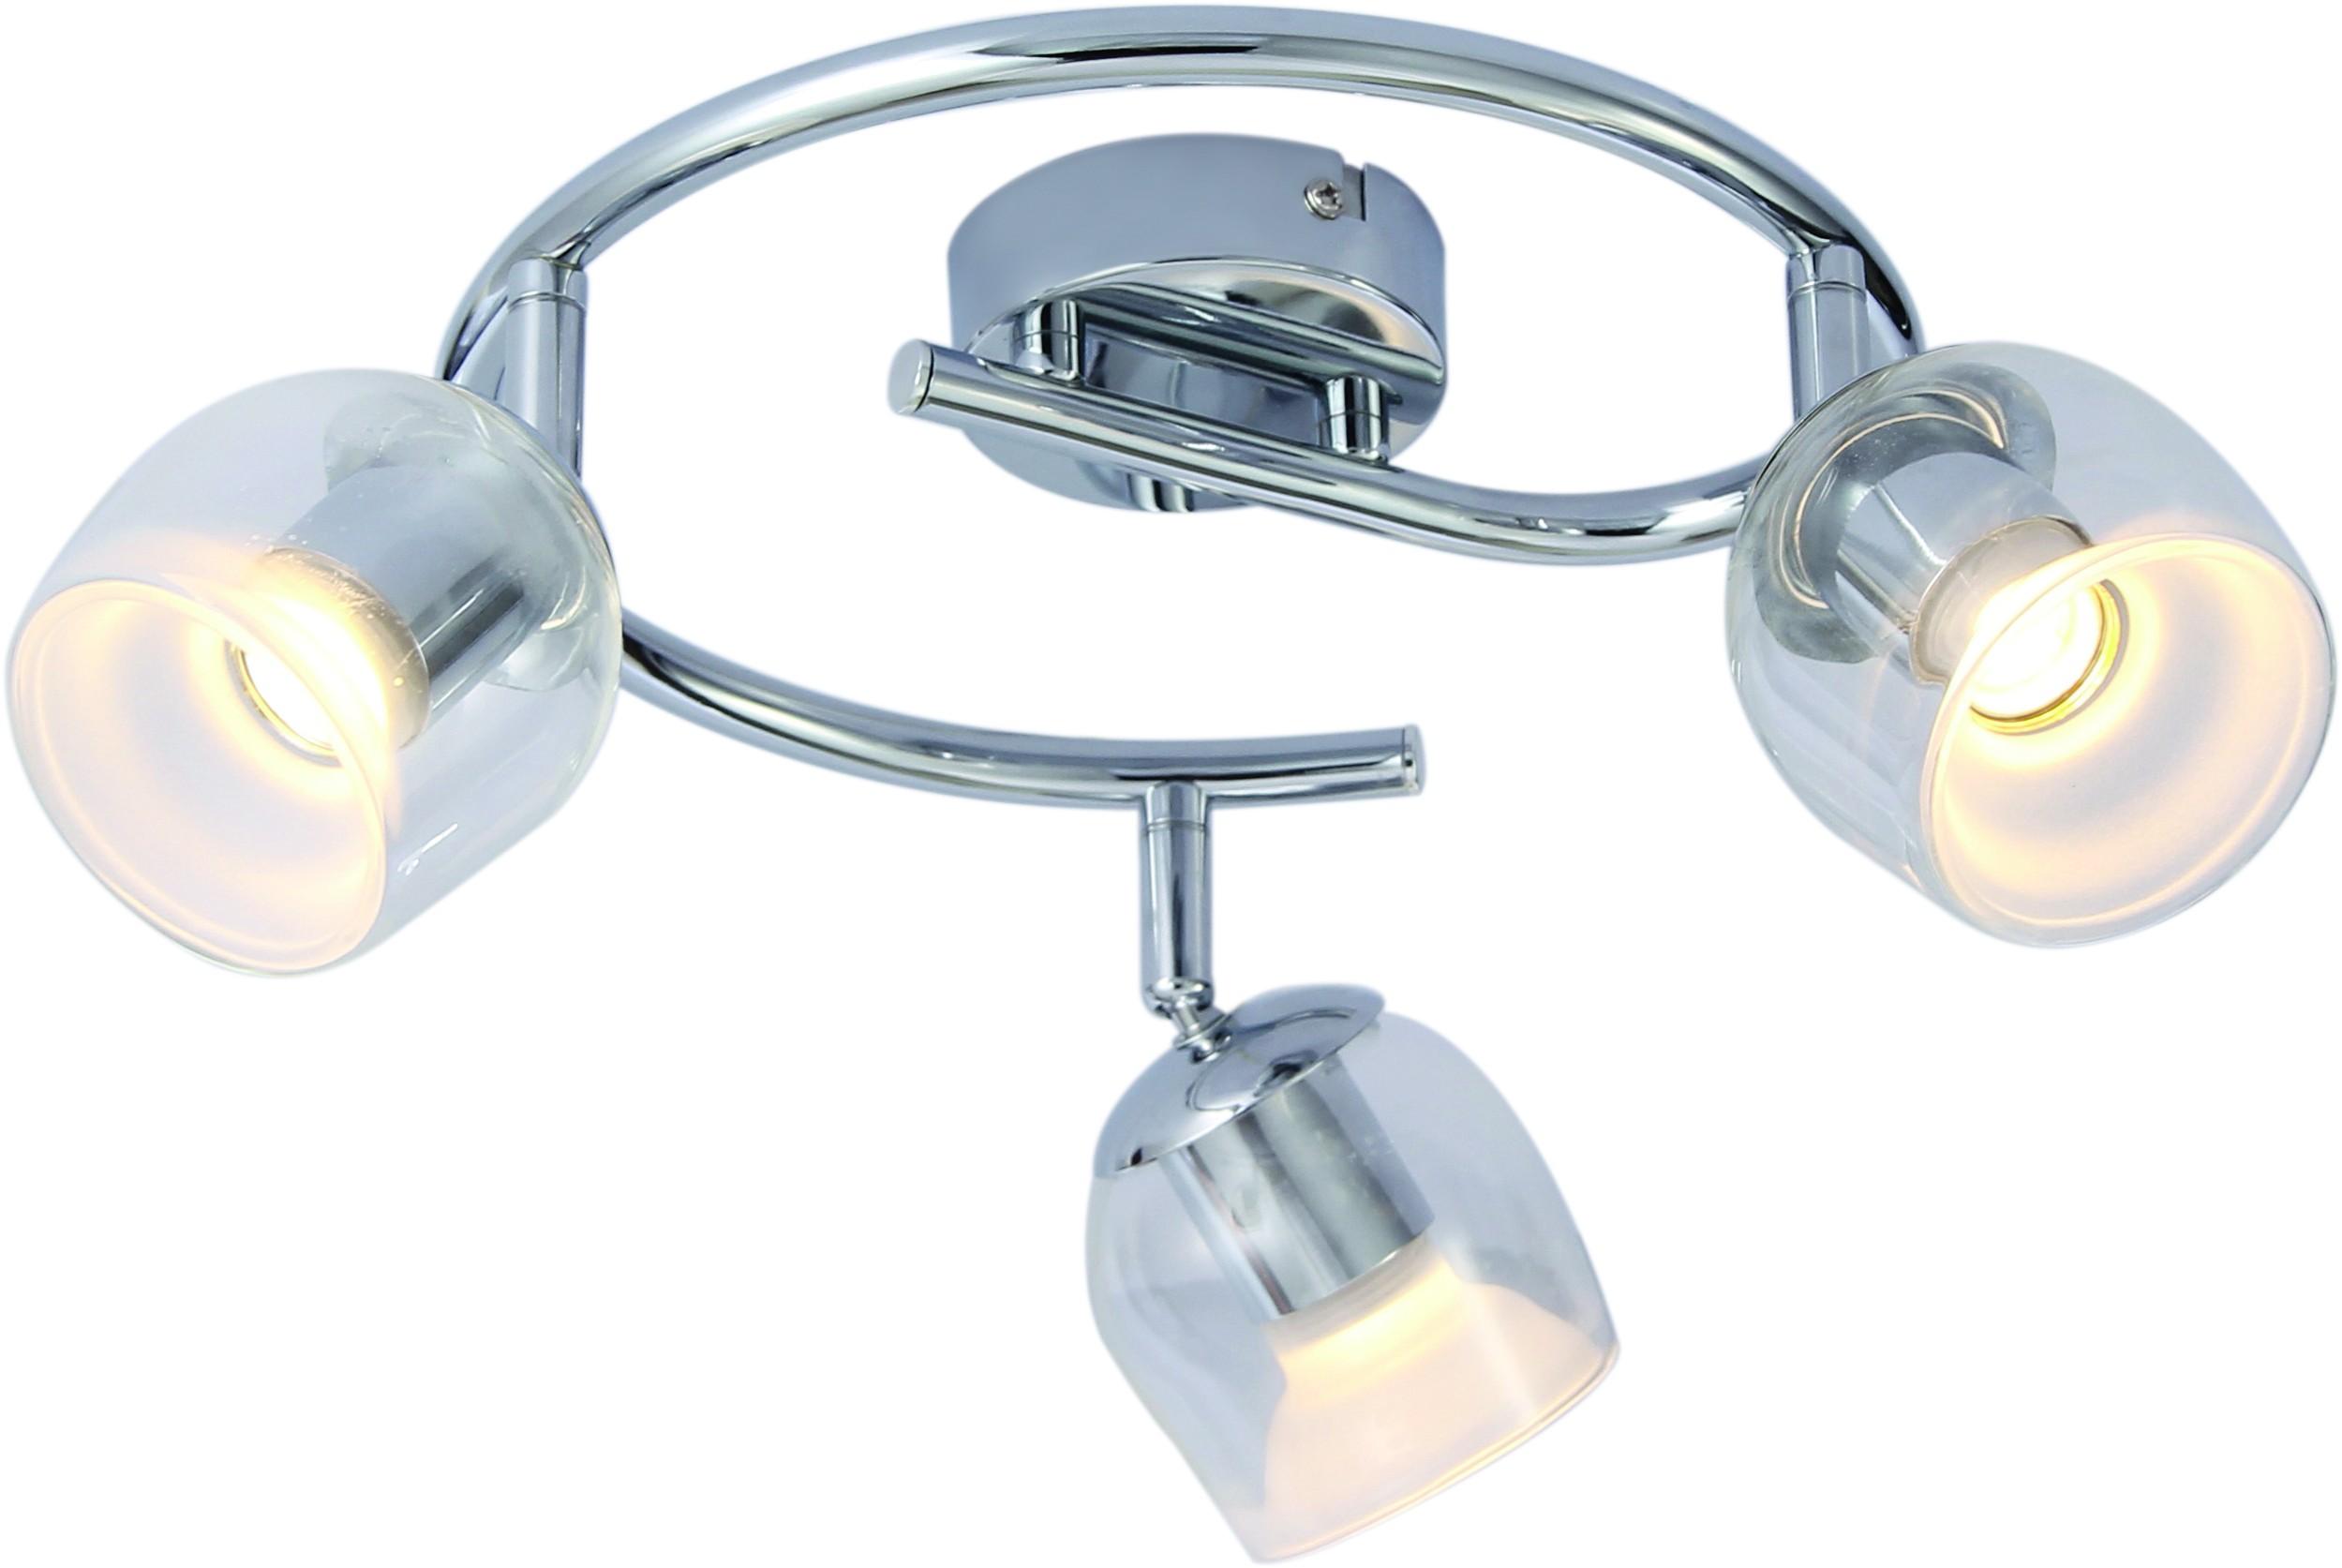 спот a9557pl 3cc arte lamp Спот Arte lamp A1558pl-3cc